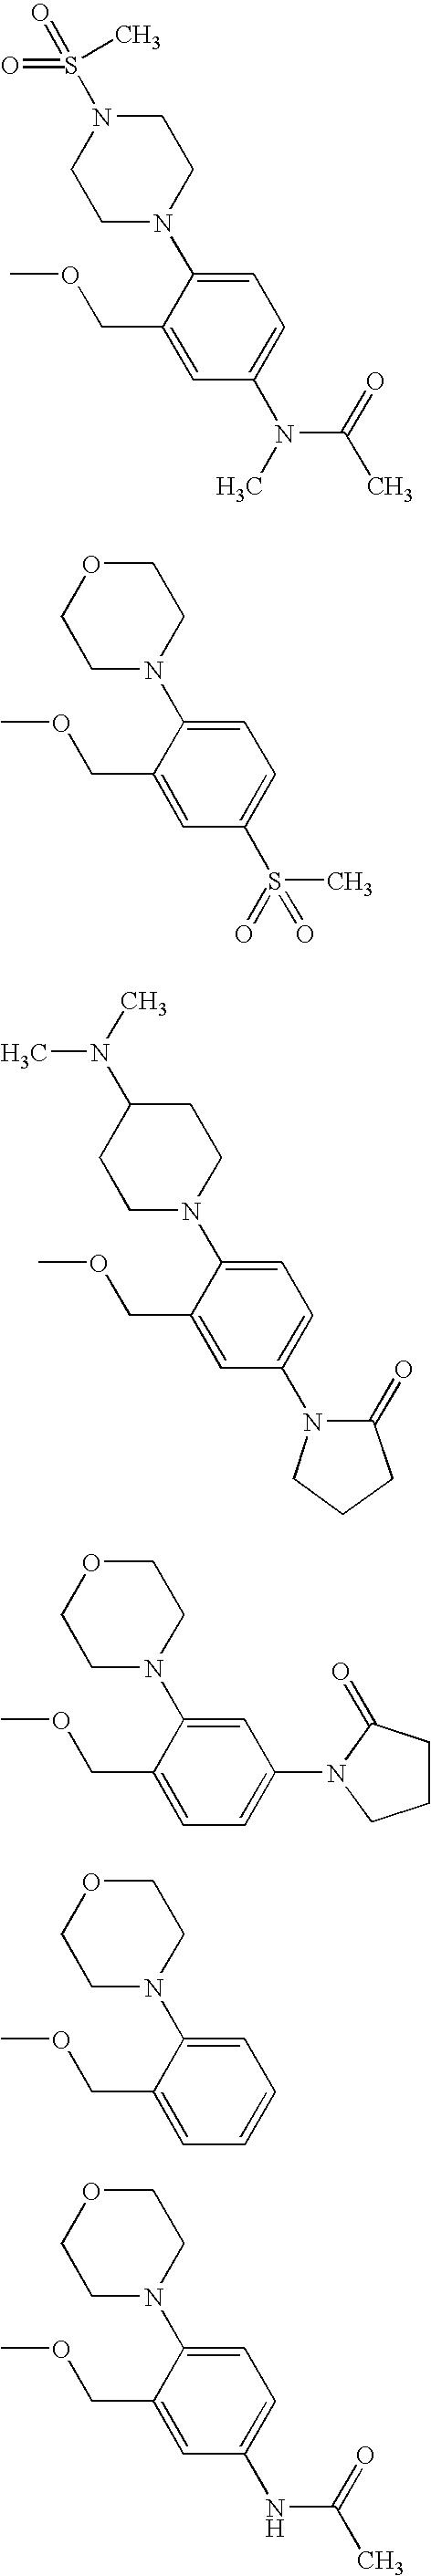 Figure US20070049593A1-20070301-C00265